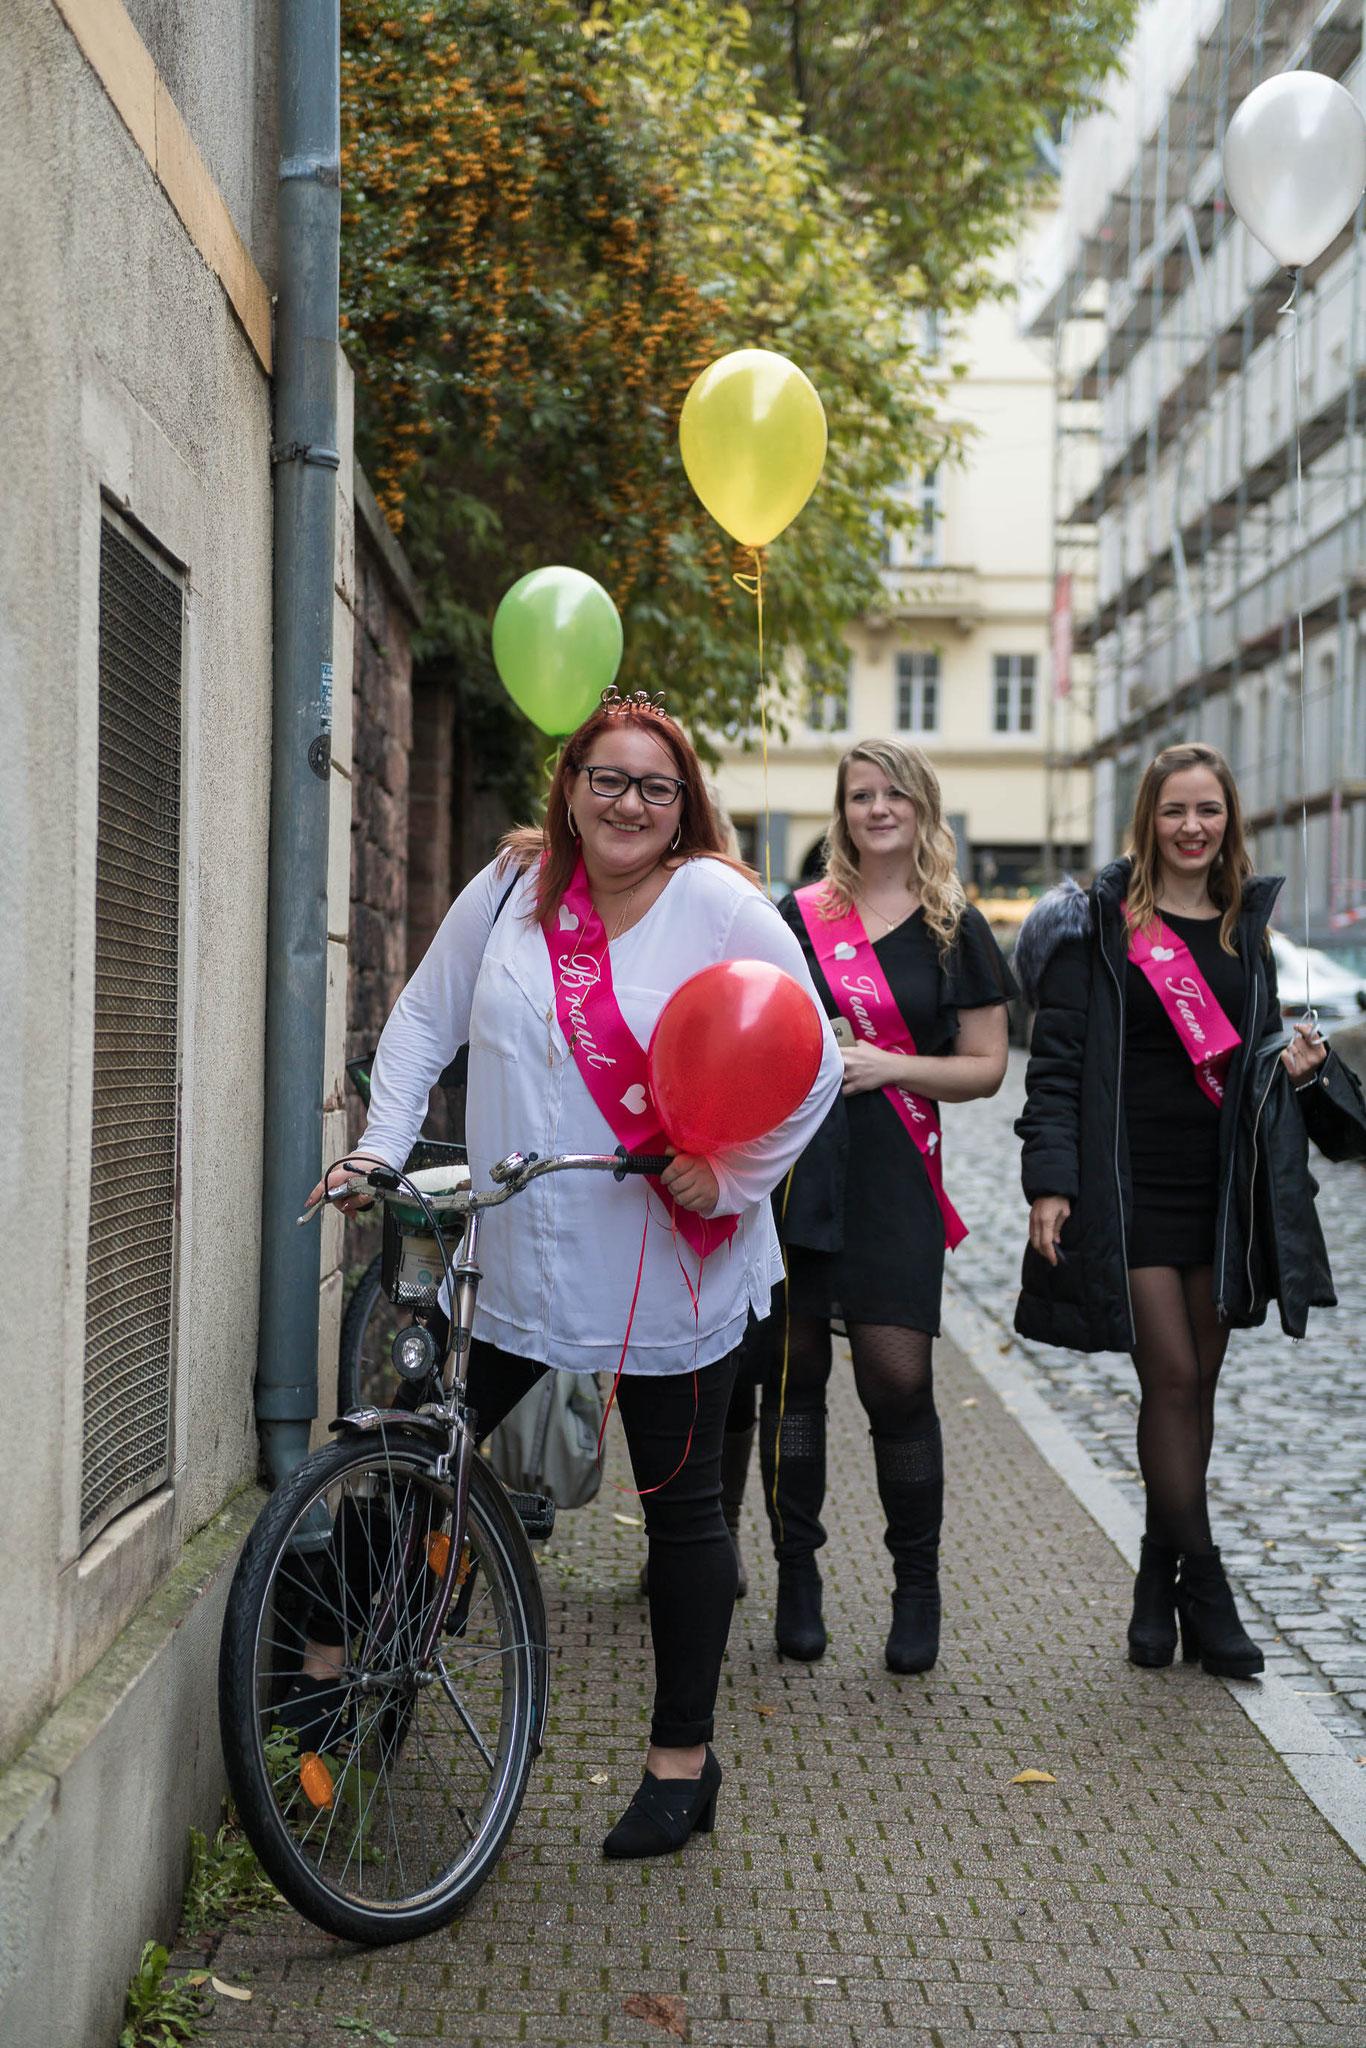 Fotograf für Junggesellenfeier in Heidelberg und Umgebung